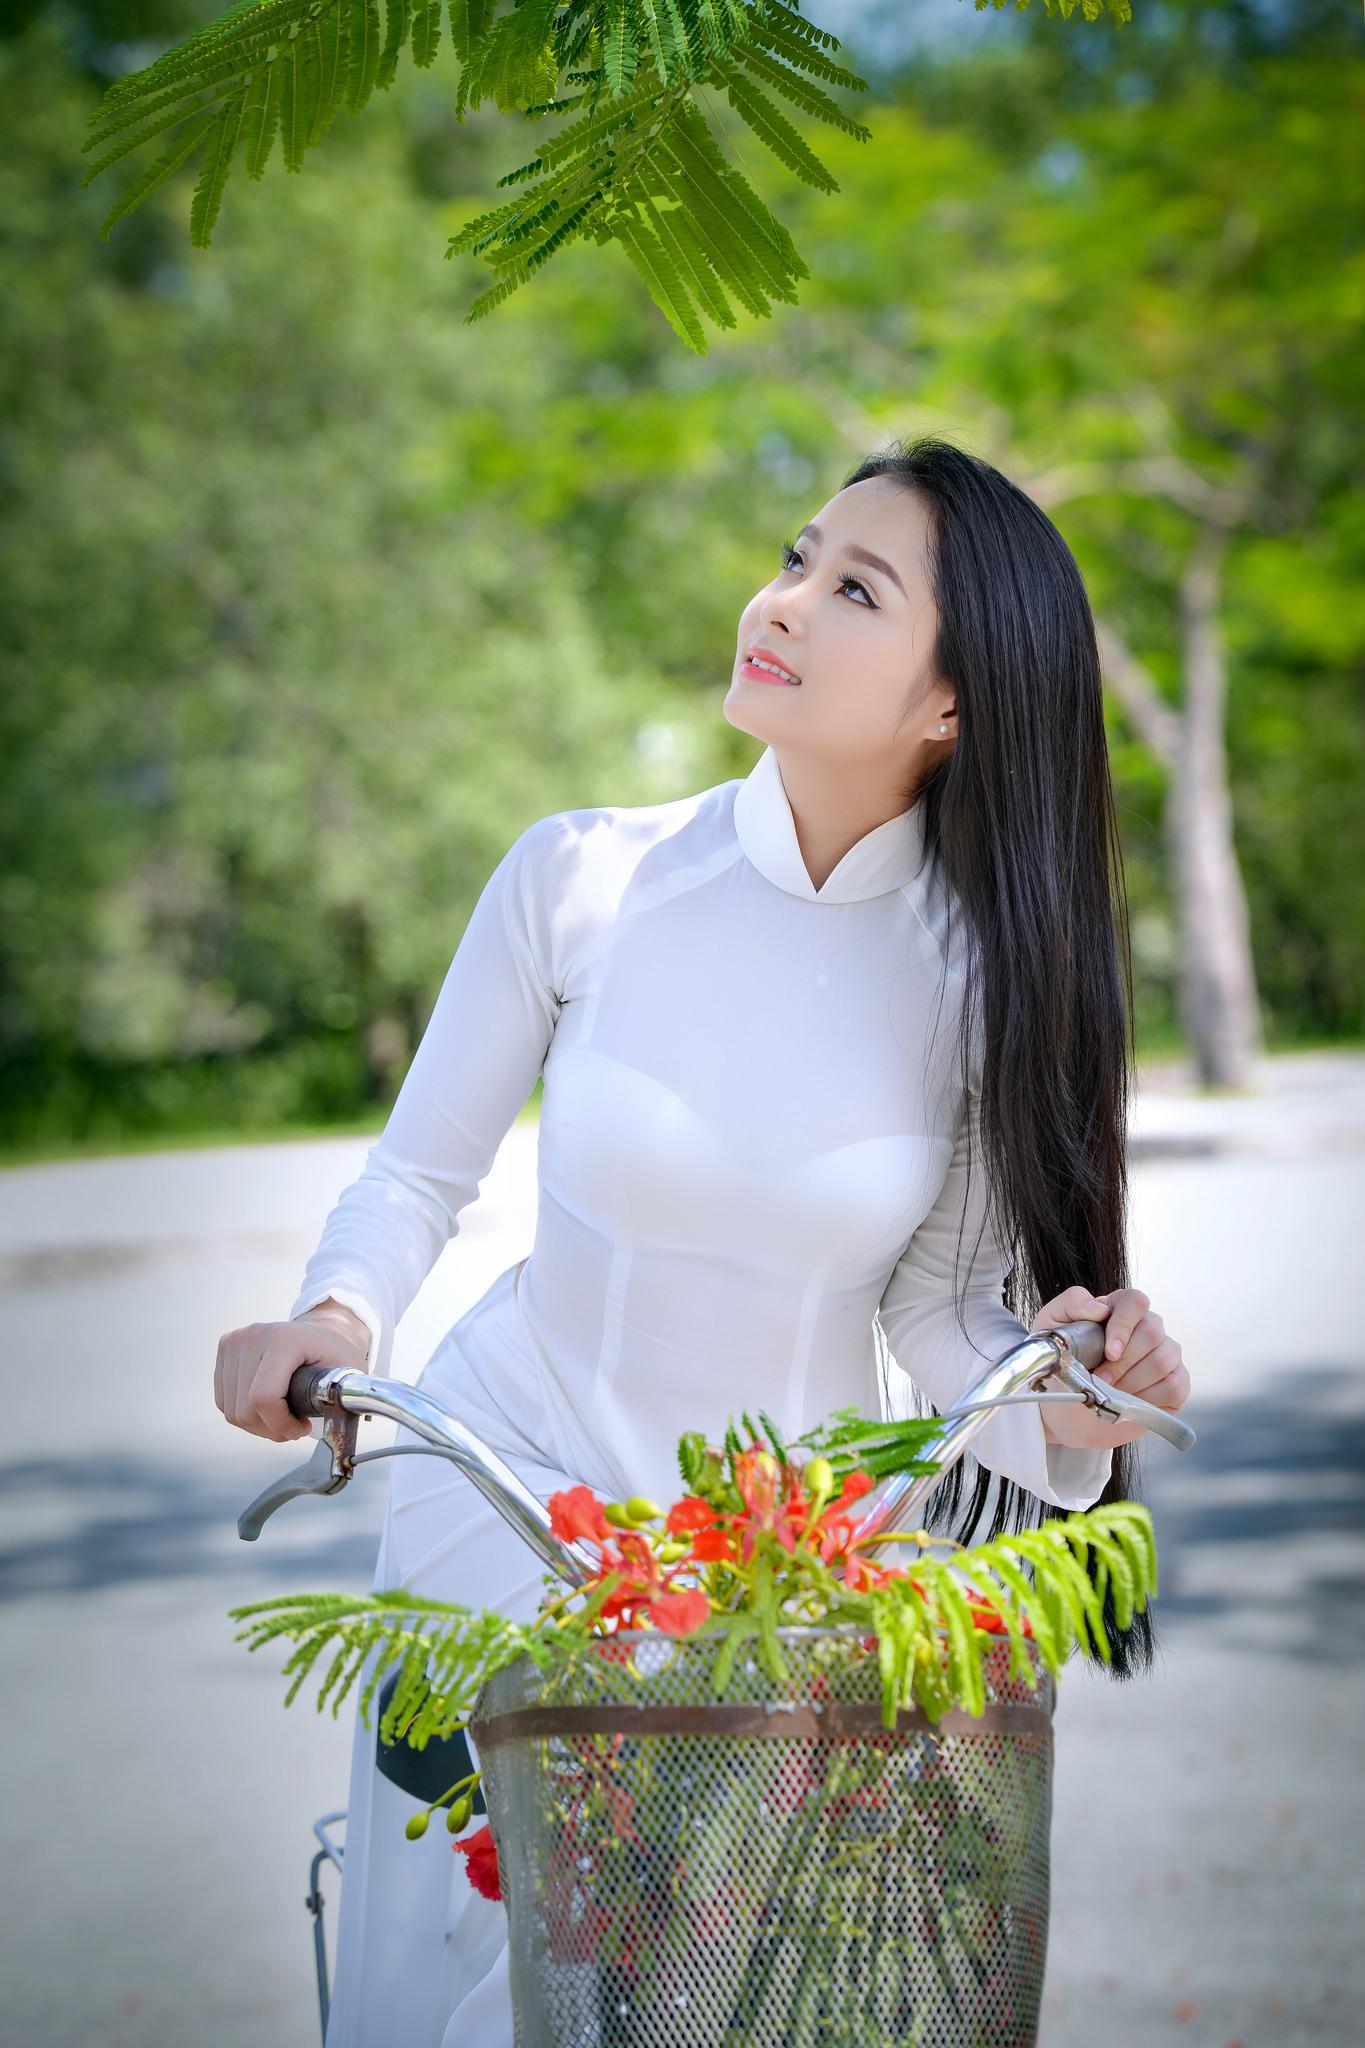 另类变态在线电影_成熟韵味-越南妇[50P] / 酷色网